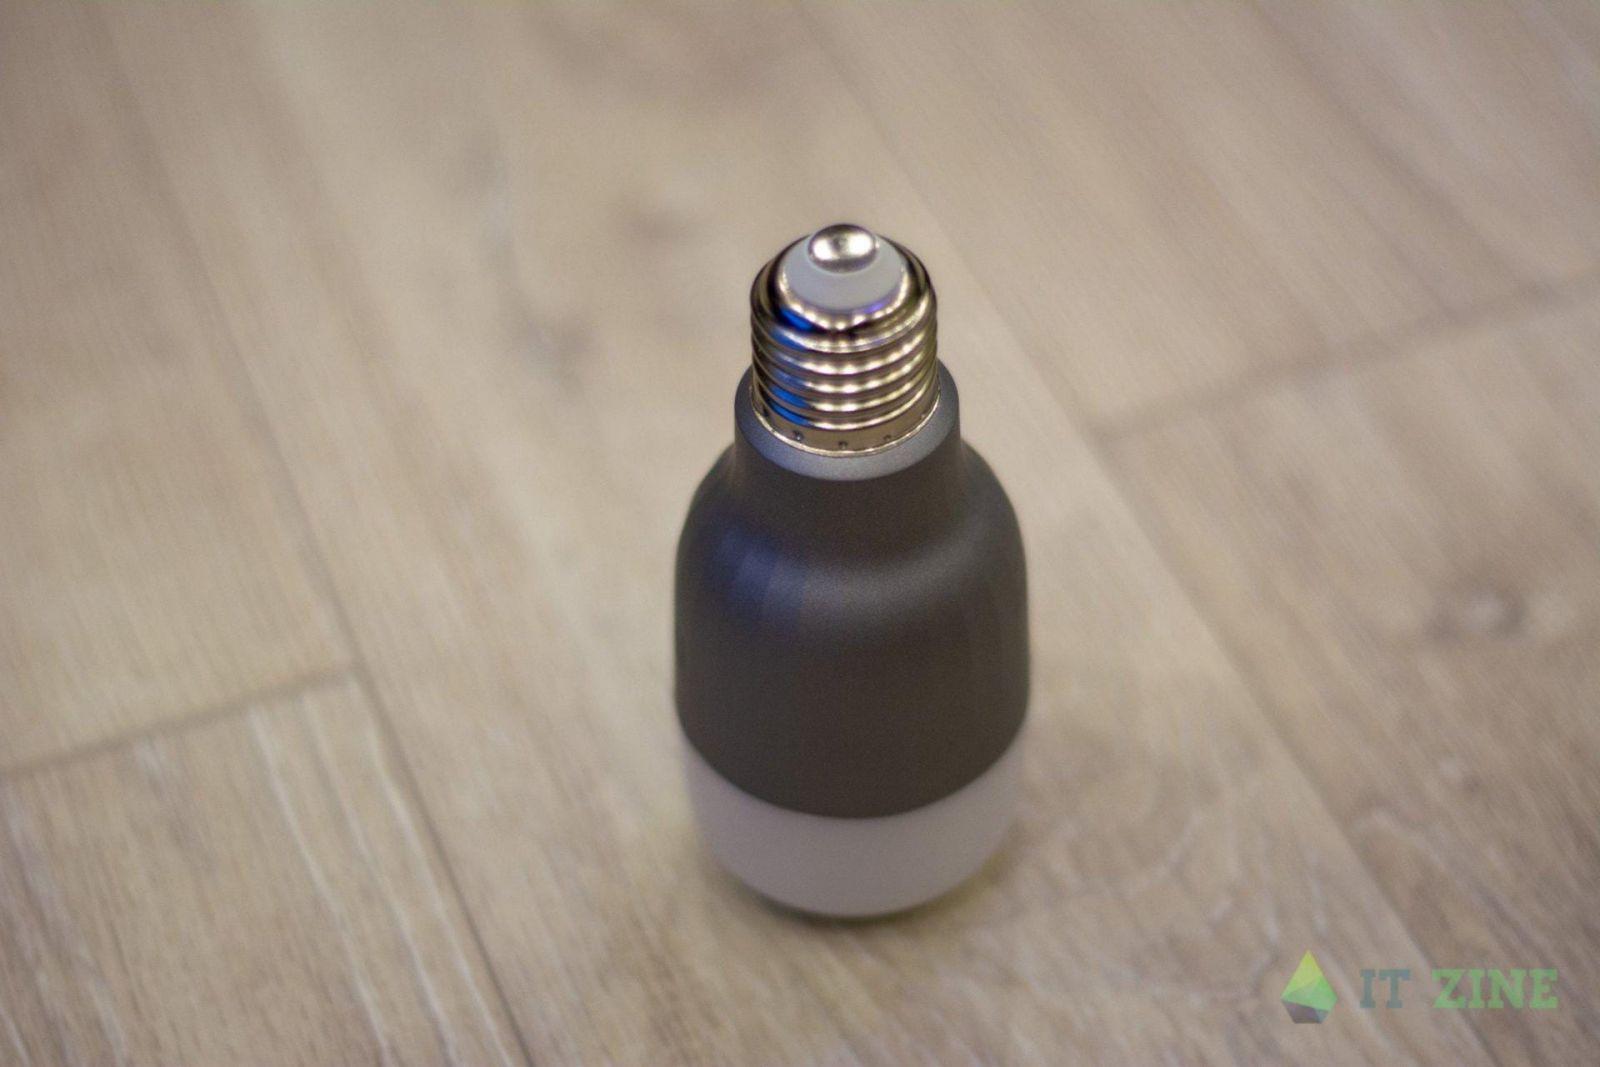 Обзор умных лампочек Xiaomi Mi LED Smart Bulb + Google Home: да будет свет (dsc 7106)